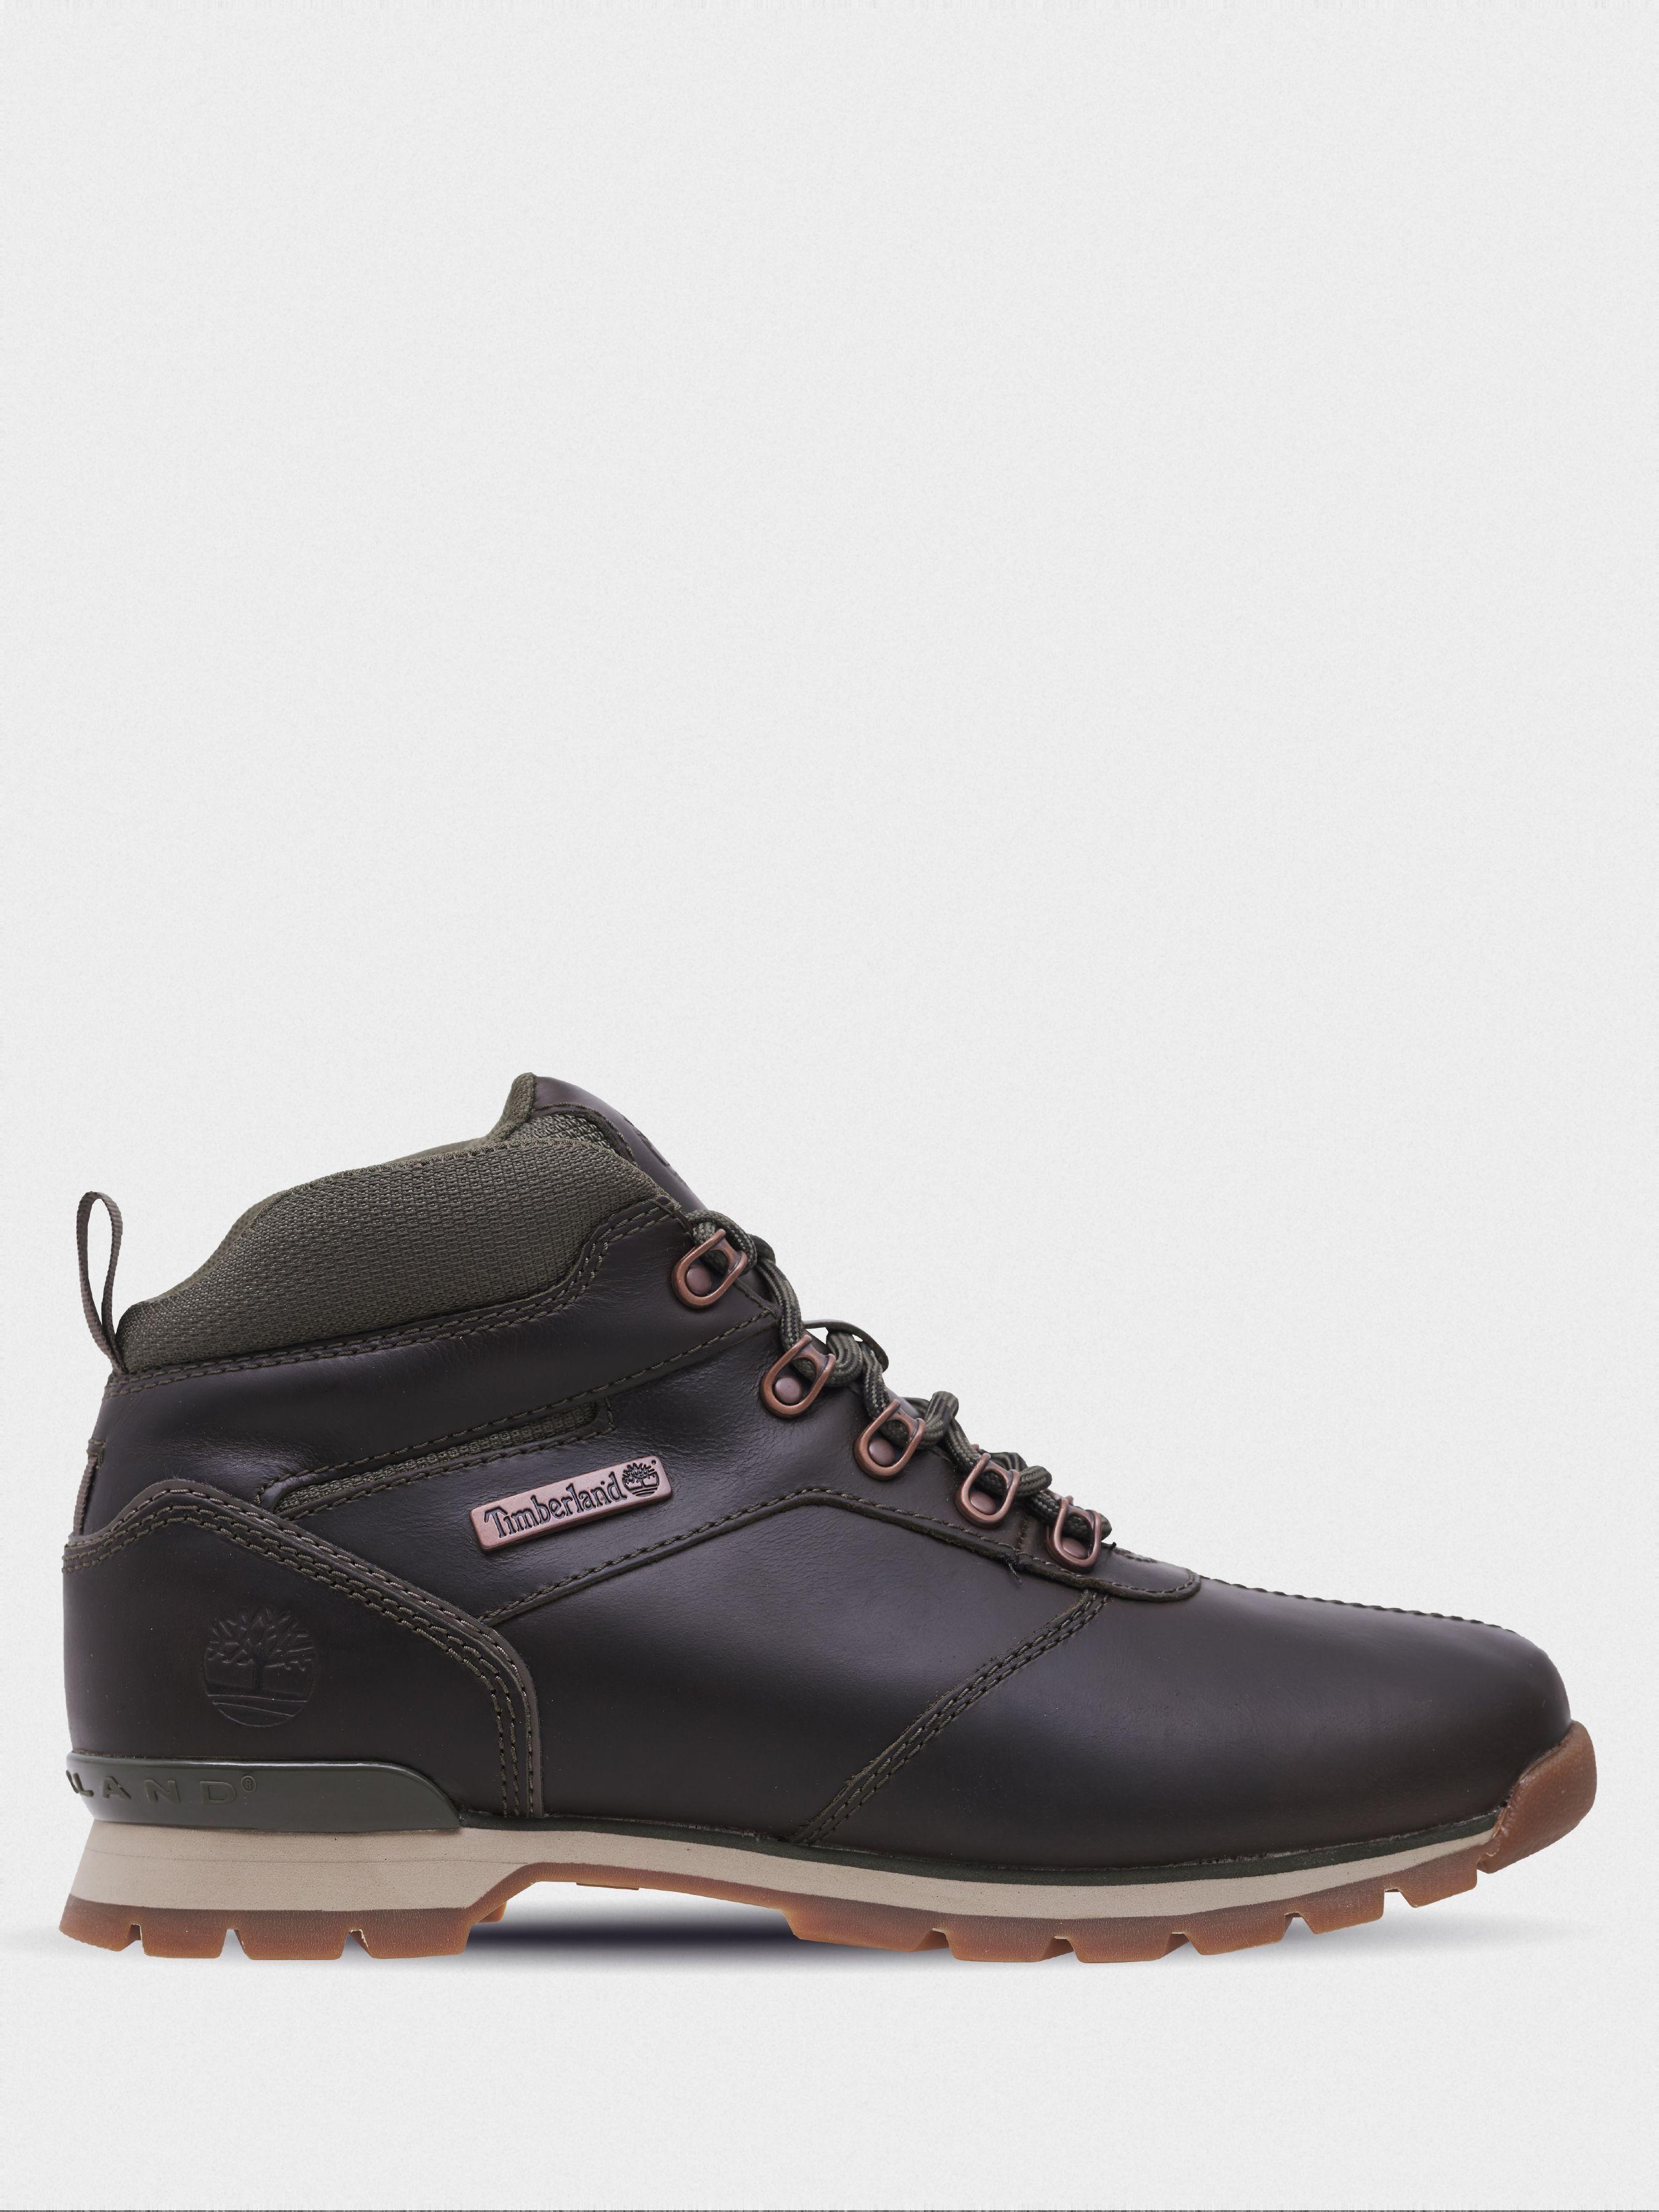 Купить Ботинки мужские Timberland Splitrock TF4093, Зеленый